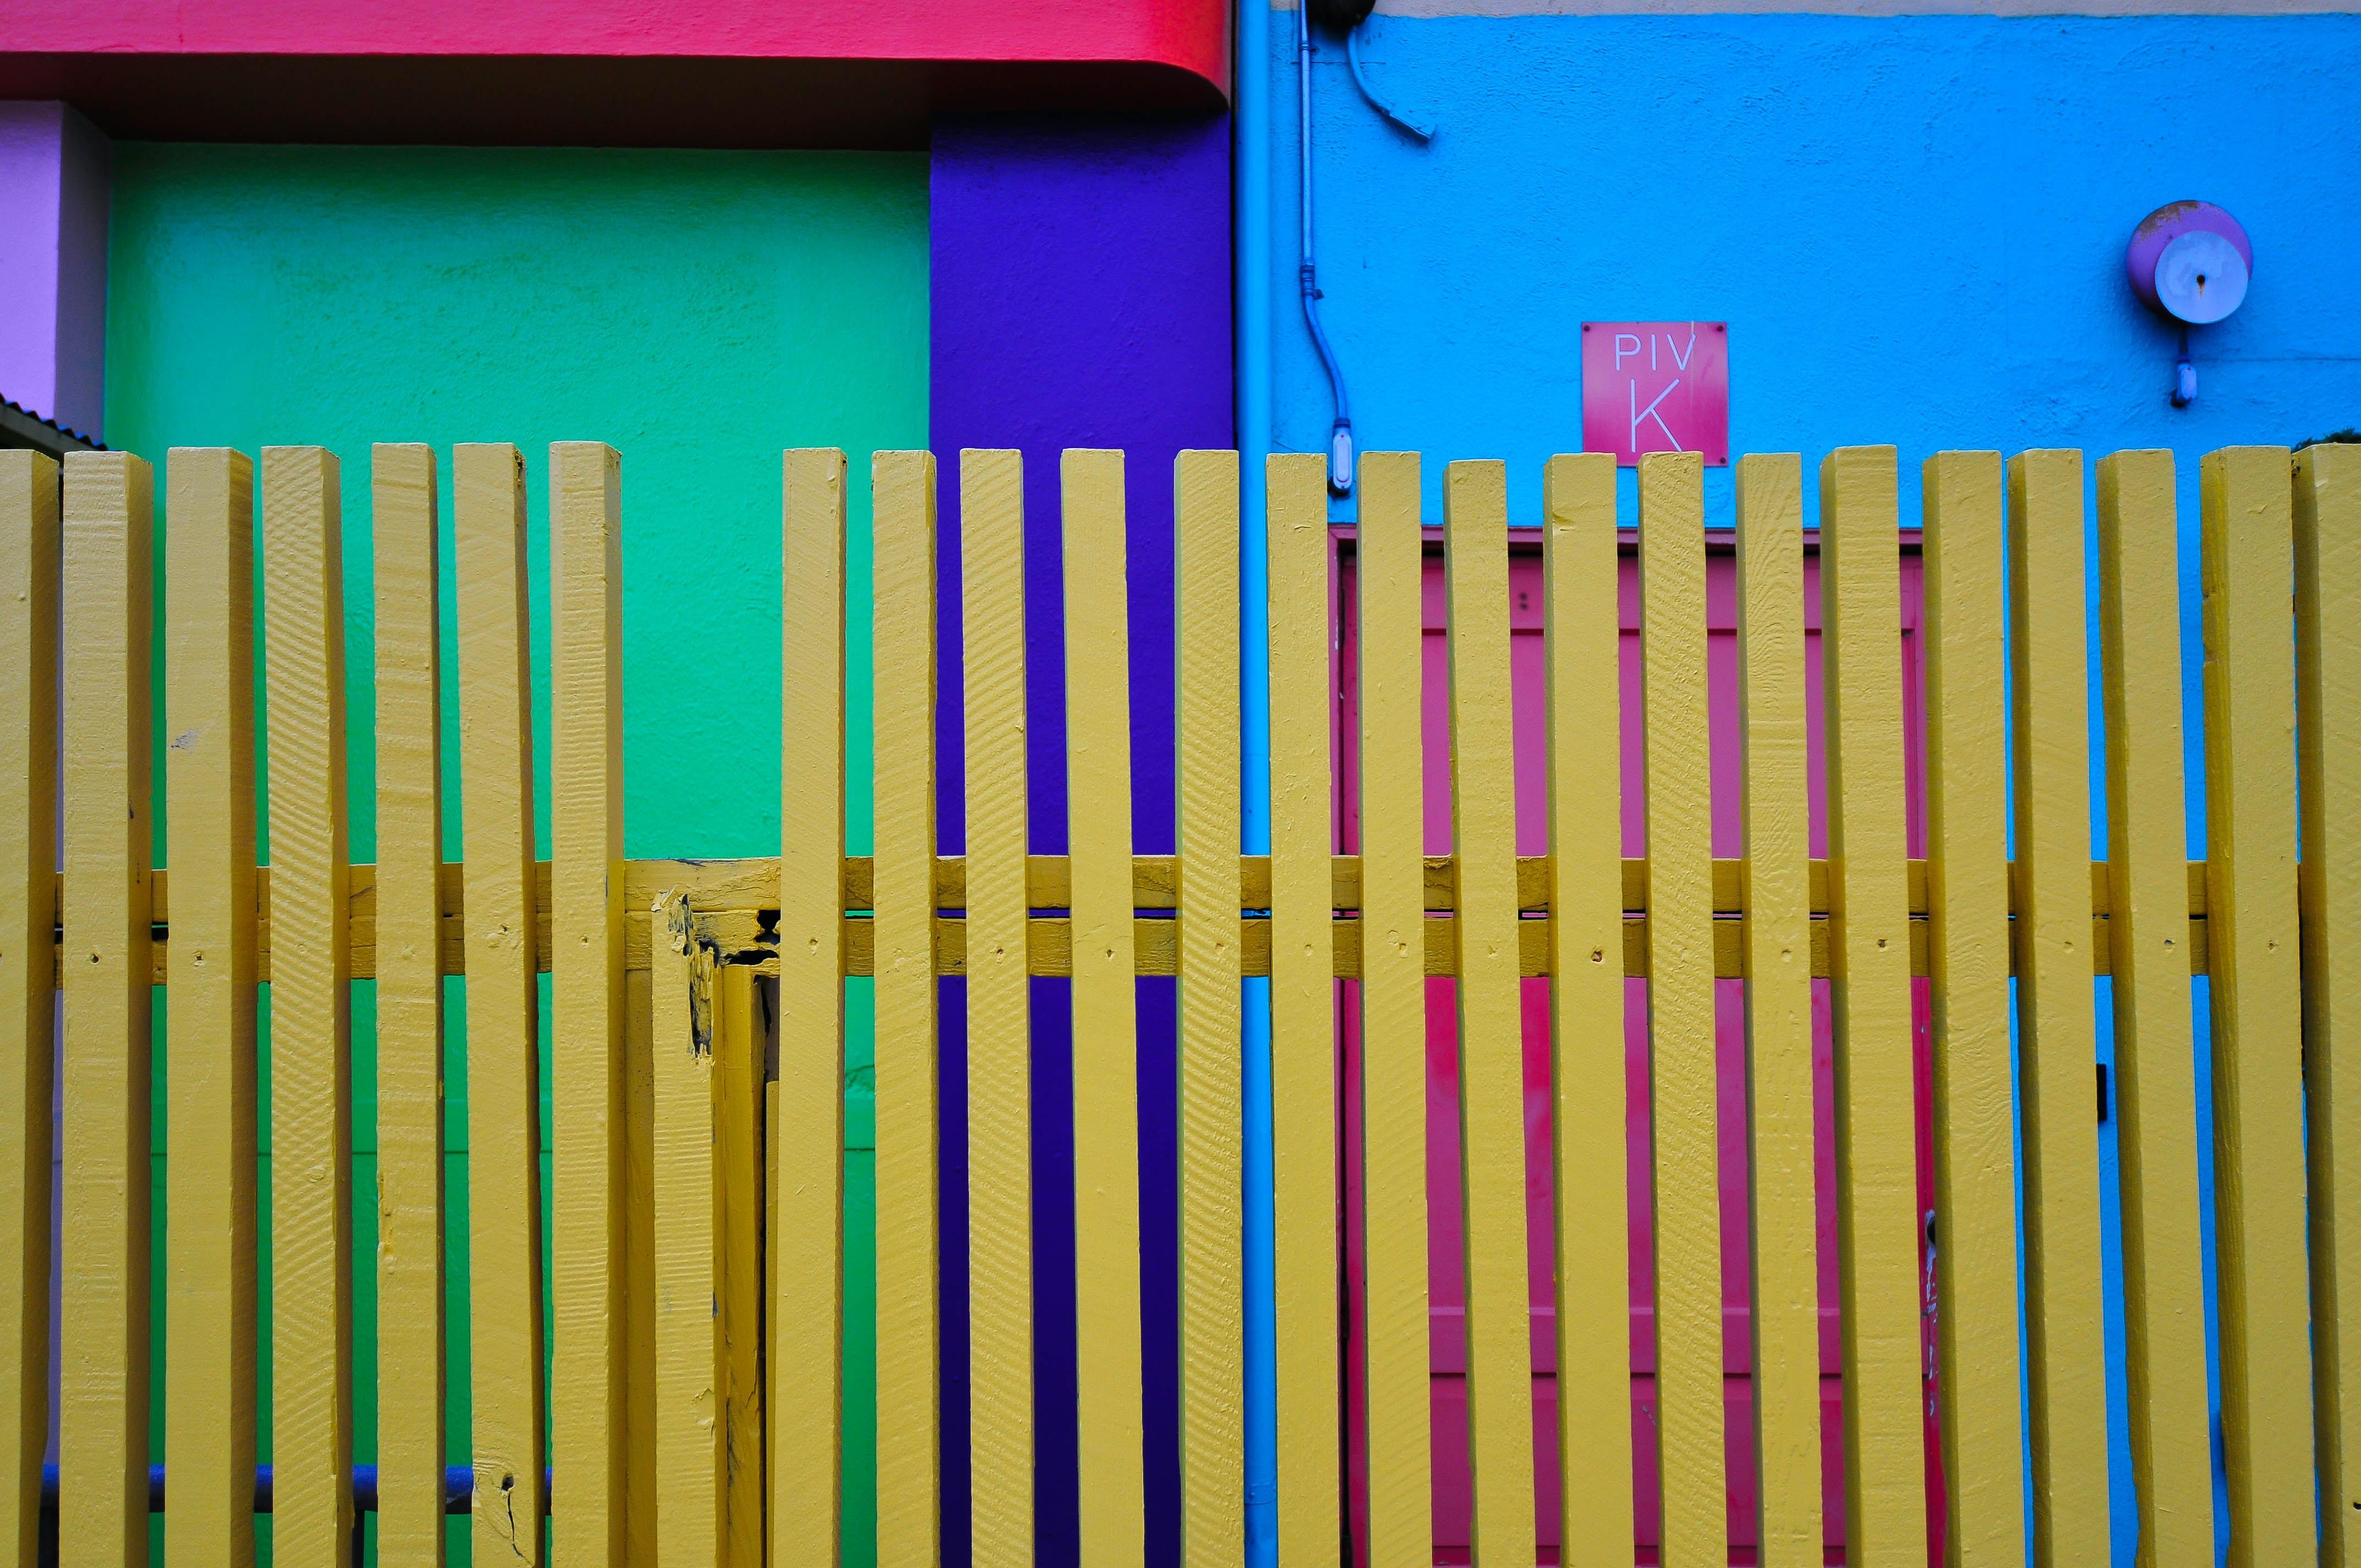 Free Unsplash photo from Gustavo Quepón